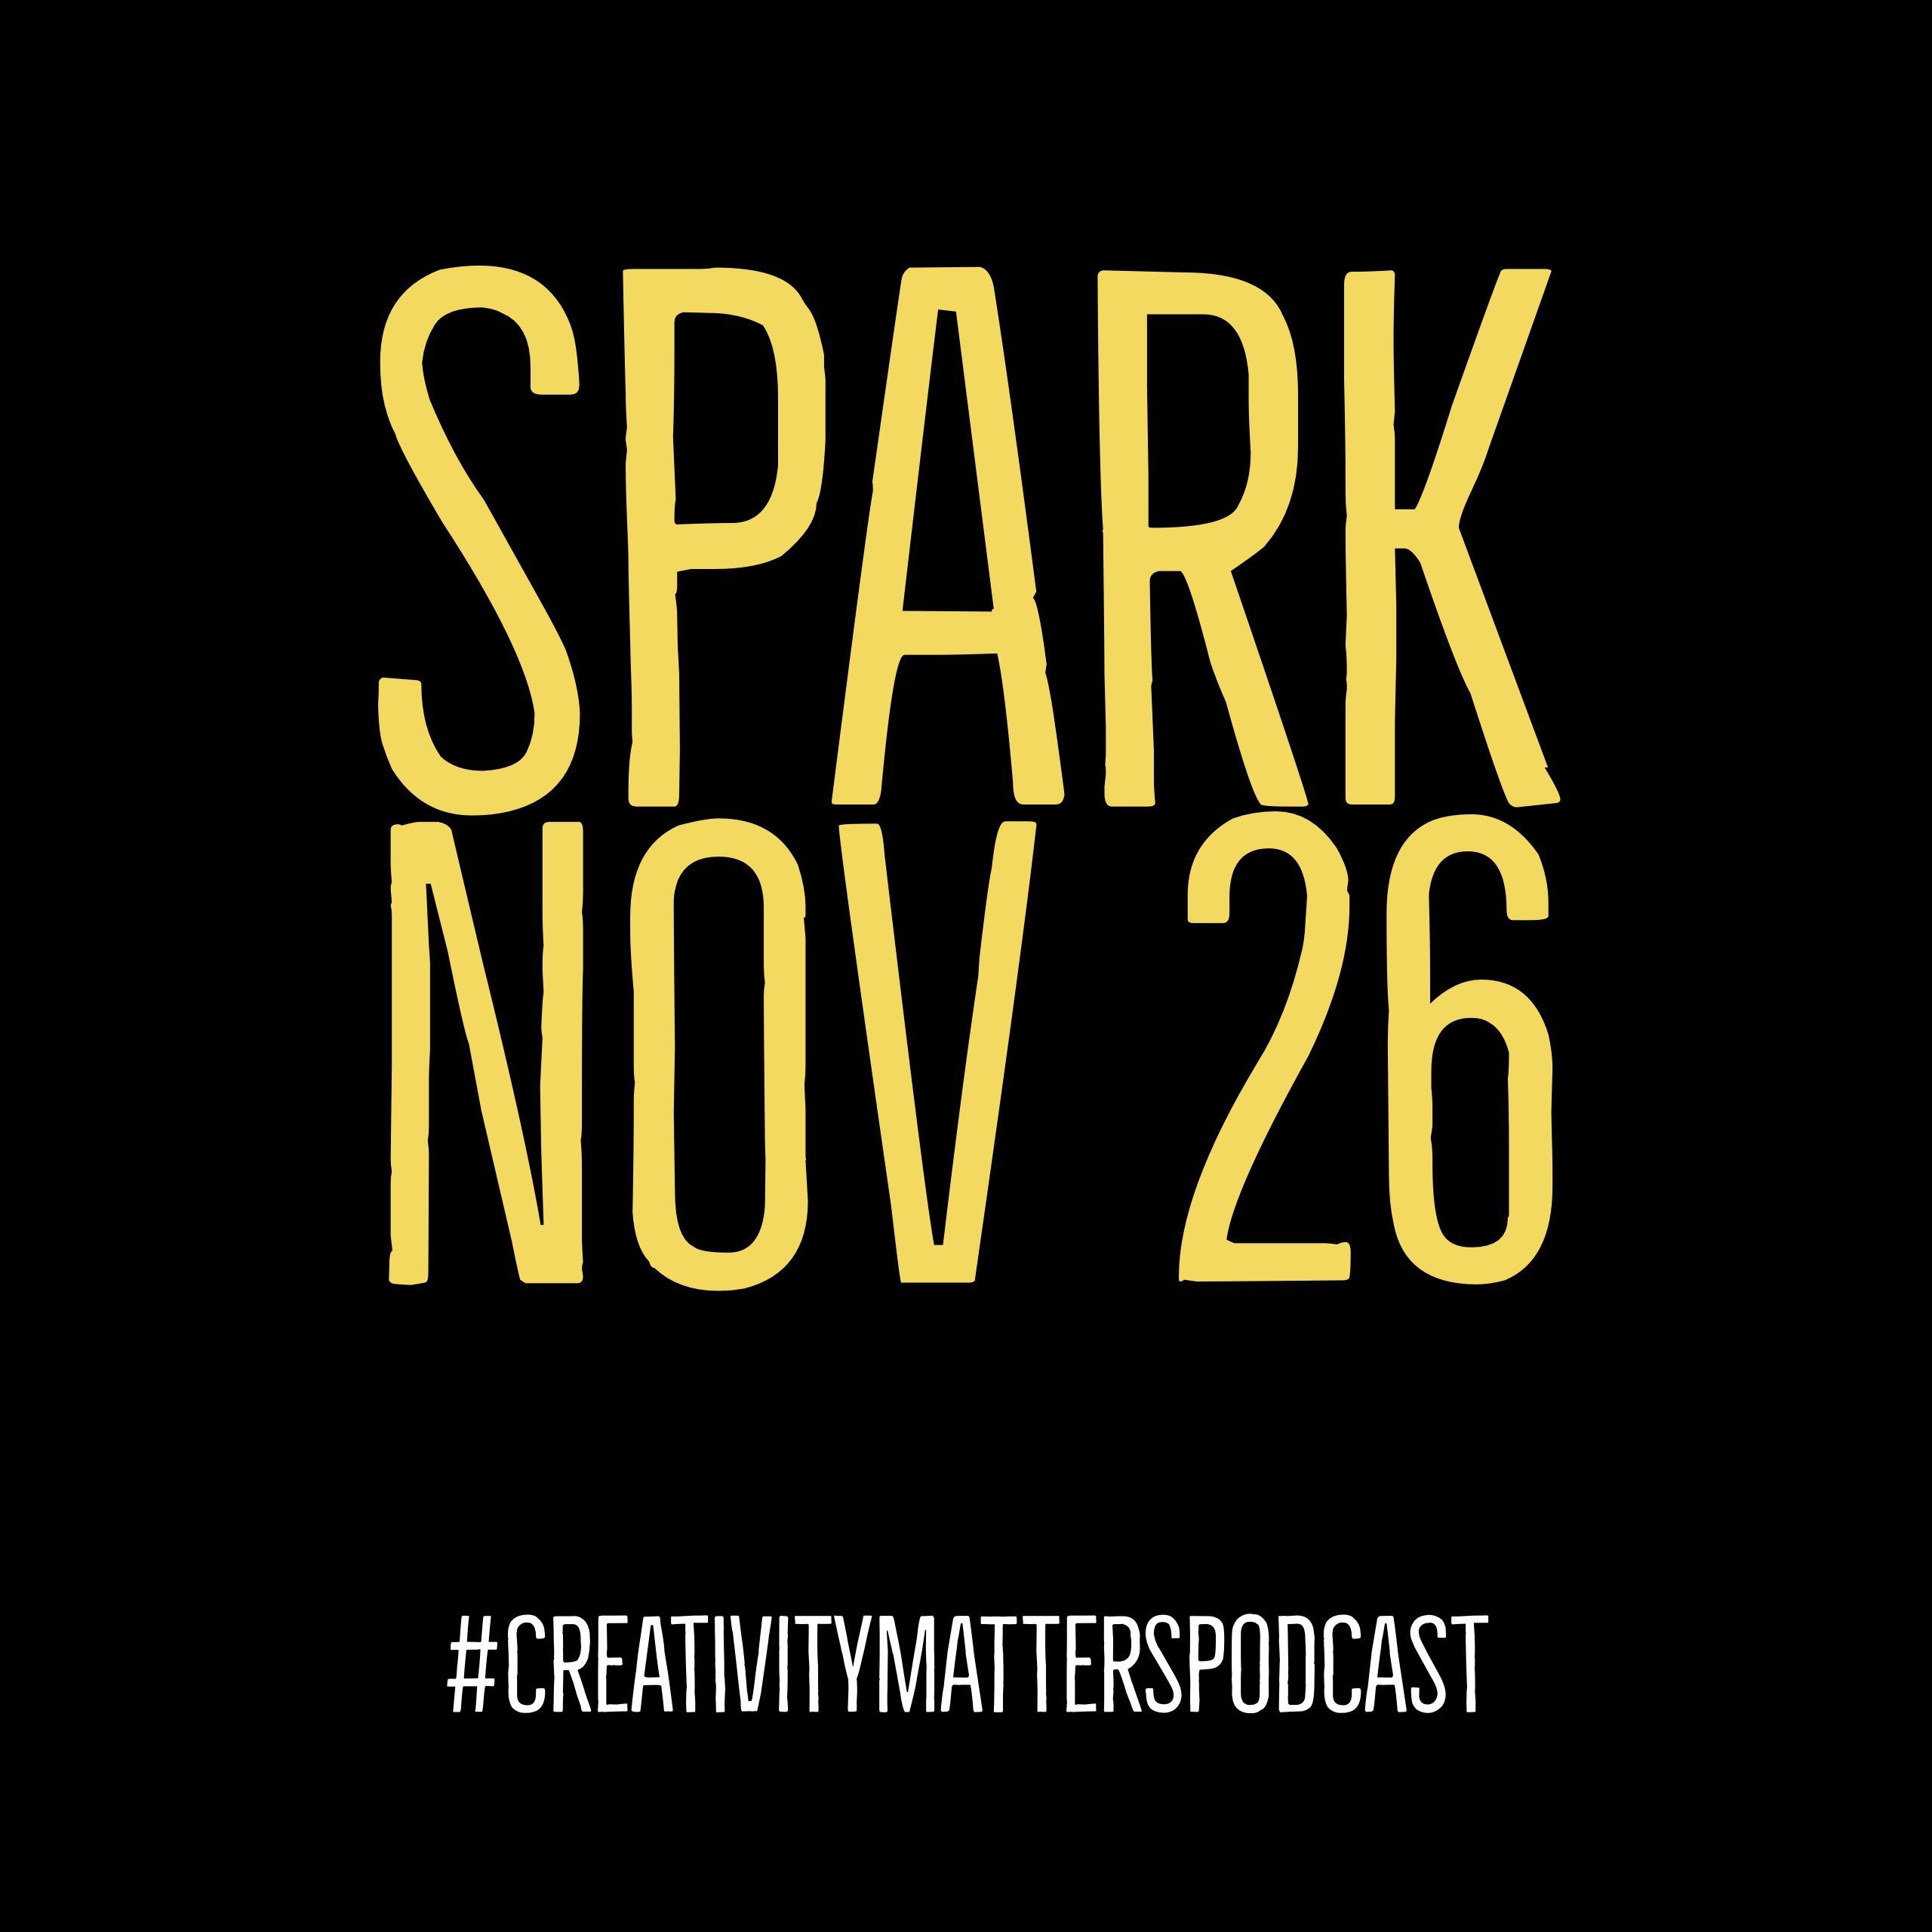 Spark Nov 26